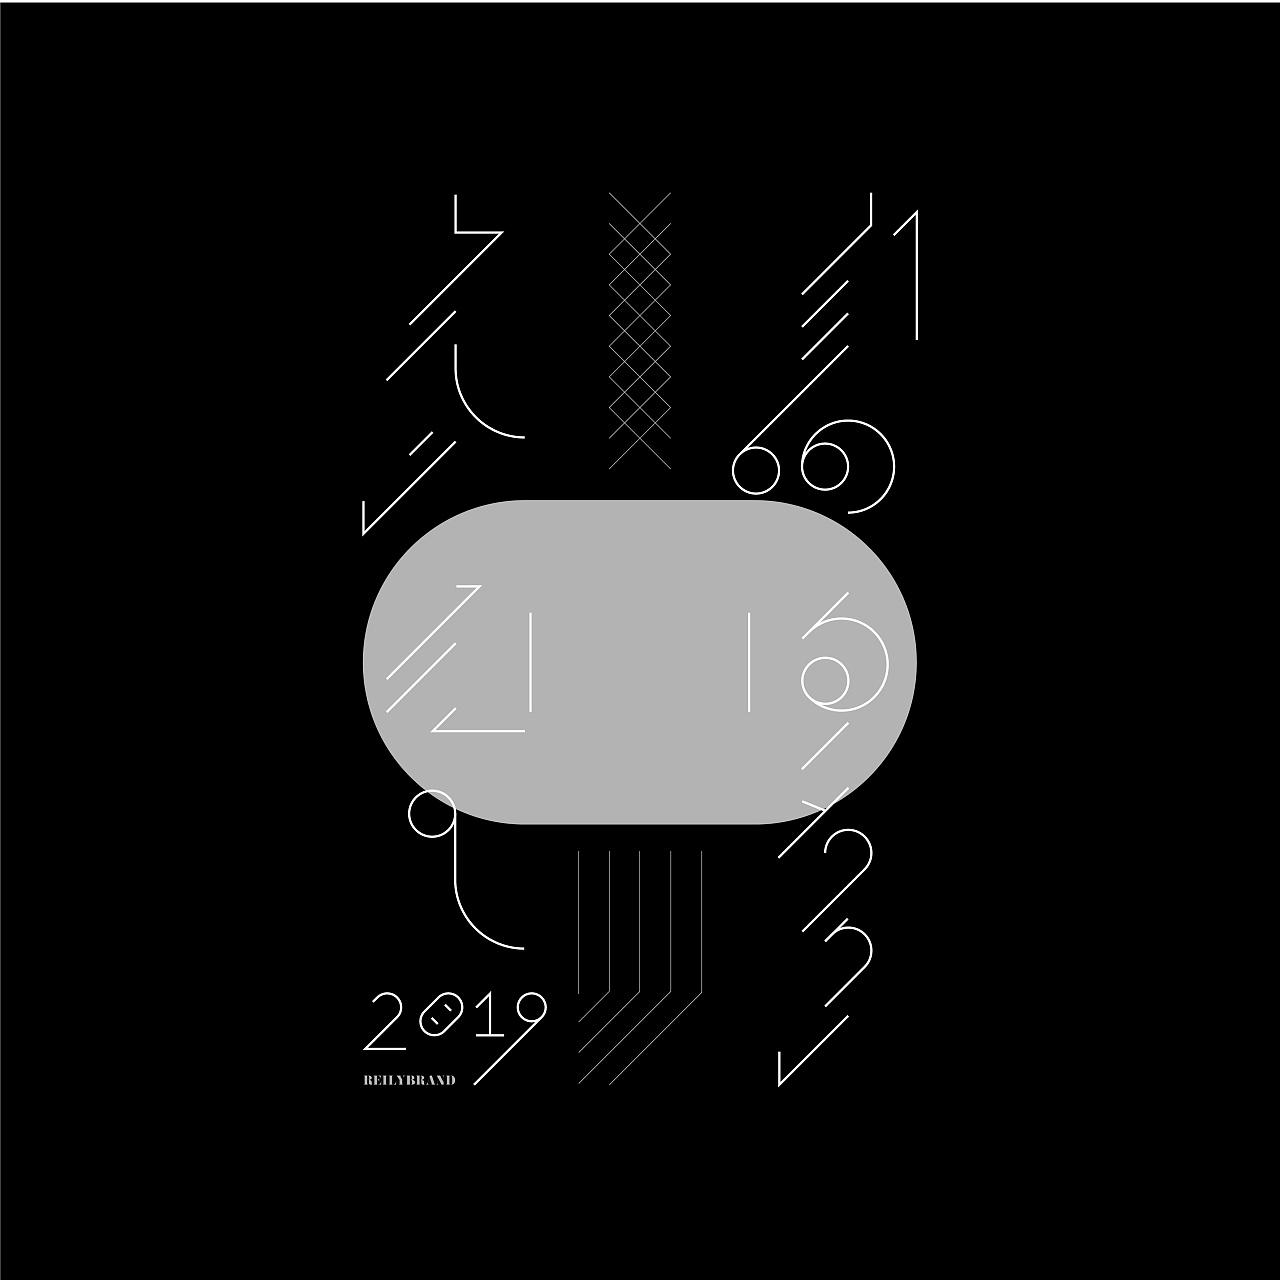 蒙古文字体设计—包立华 第9张